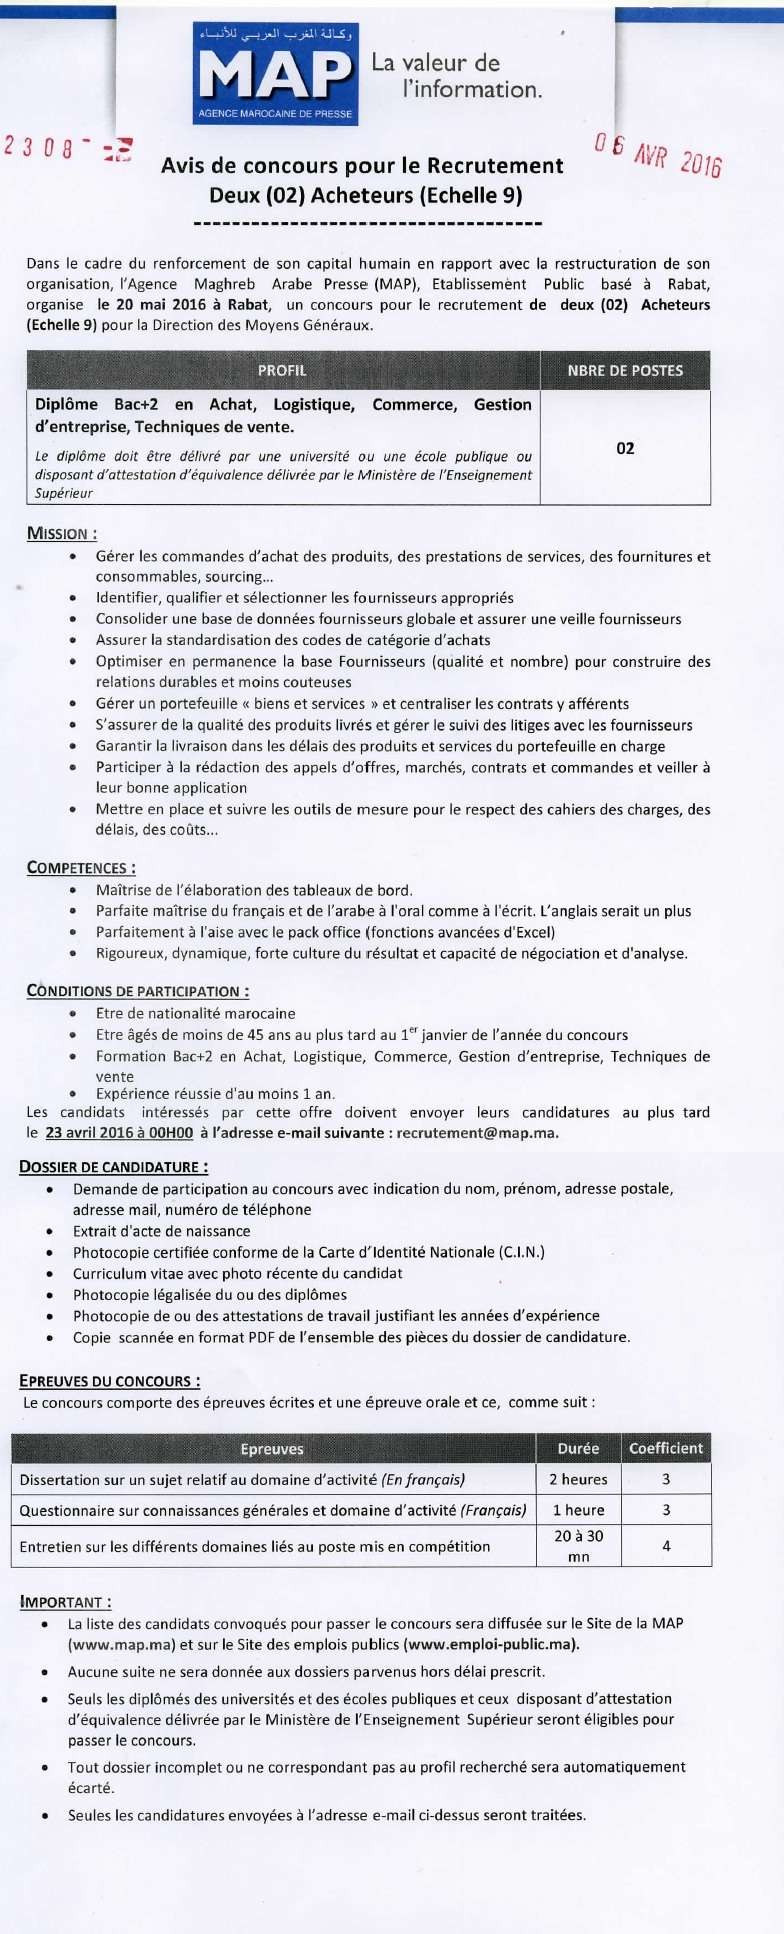 وكالة المغرب العربي للأنباء : مباراة لتوظيف مشتريين اثنبن (2) سلم 9 (2 منصبان) آخر أجل لإيداع الترشيحات 23 ابريل 2016 Concou11